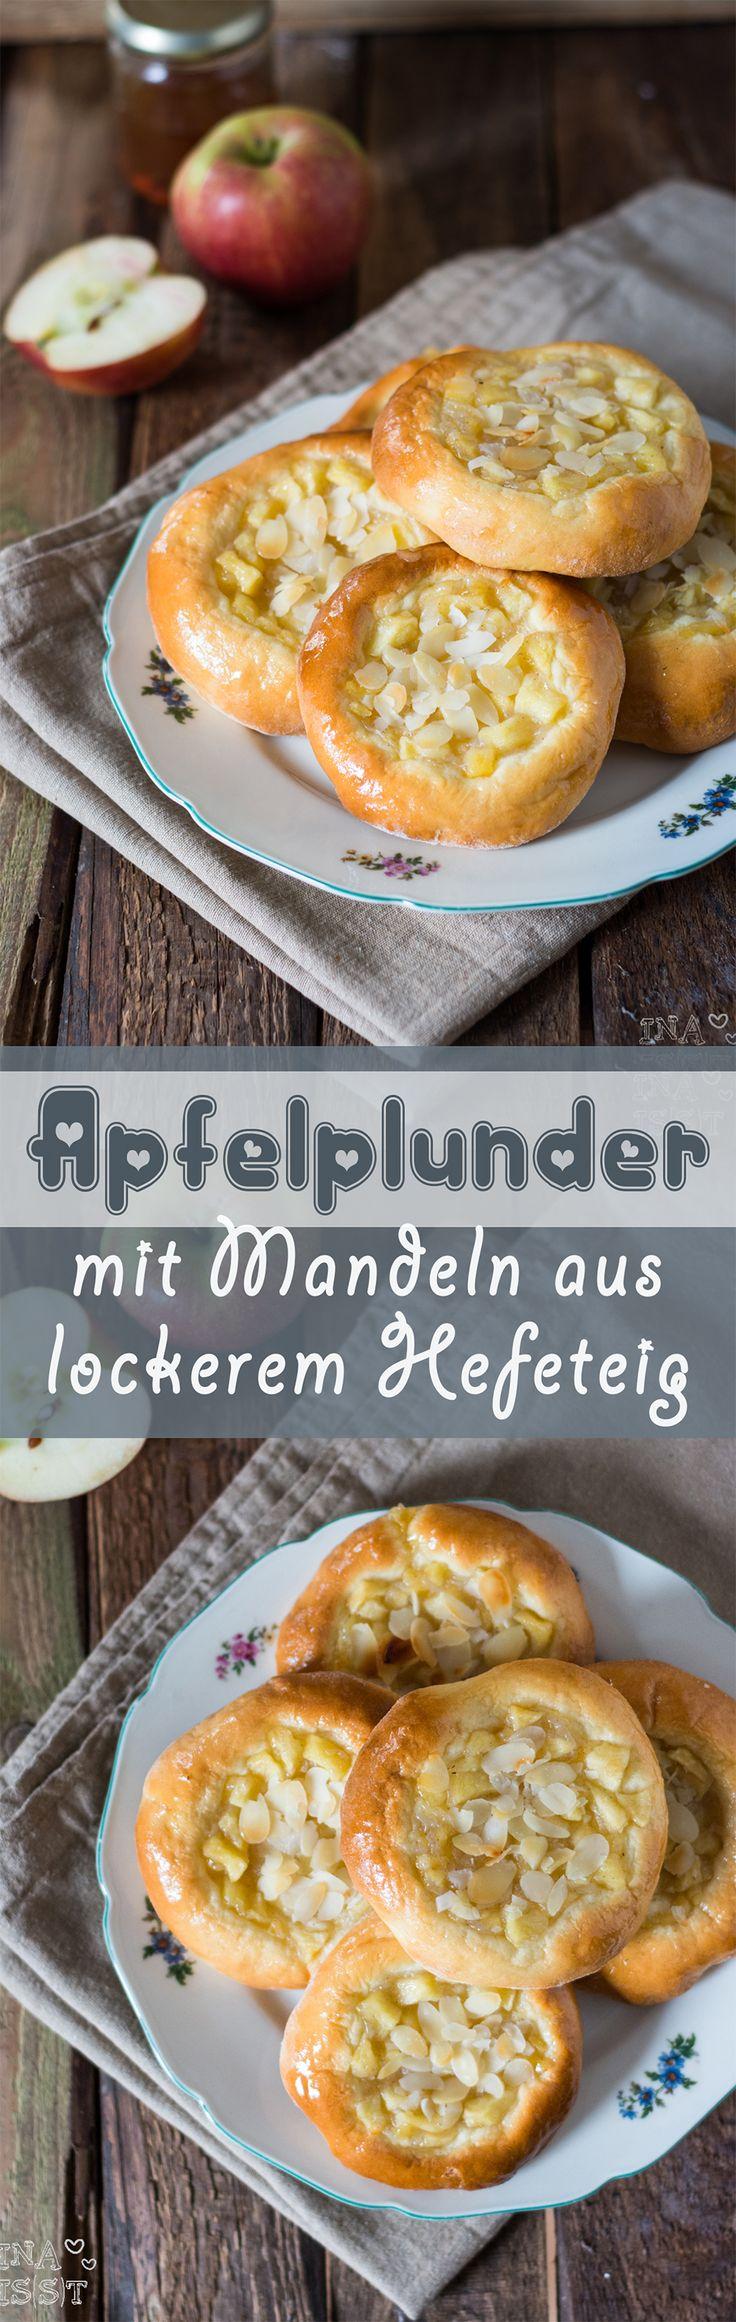 Sweet apple buns with soft yeast dough and almonds /// Apfelplunder mit Mandeln aus lockerem Hefeteig